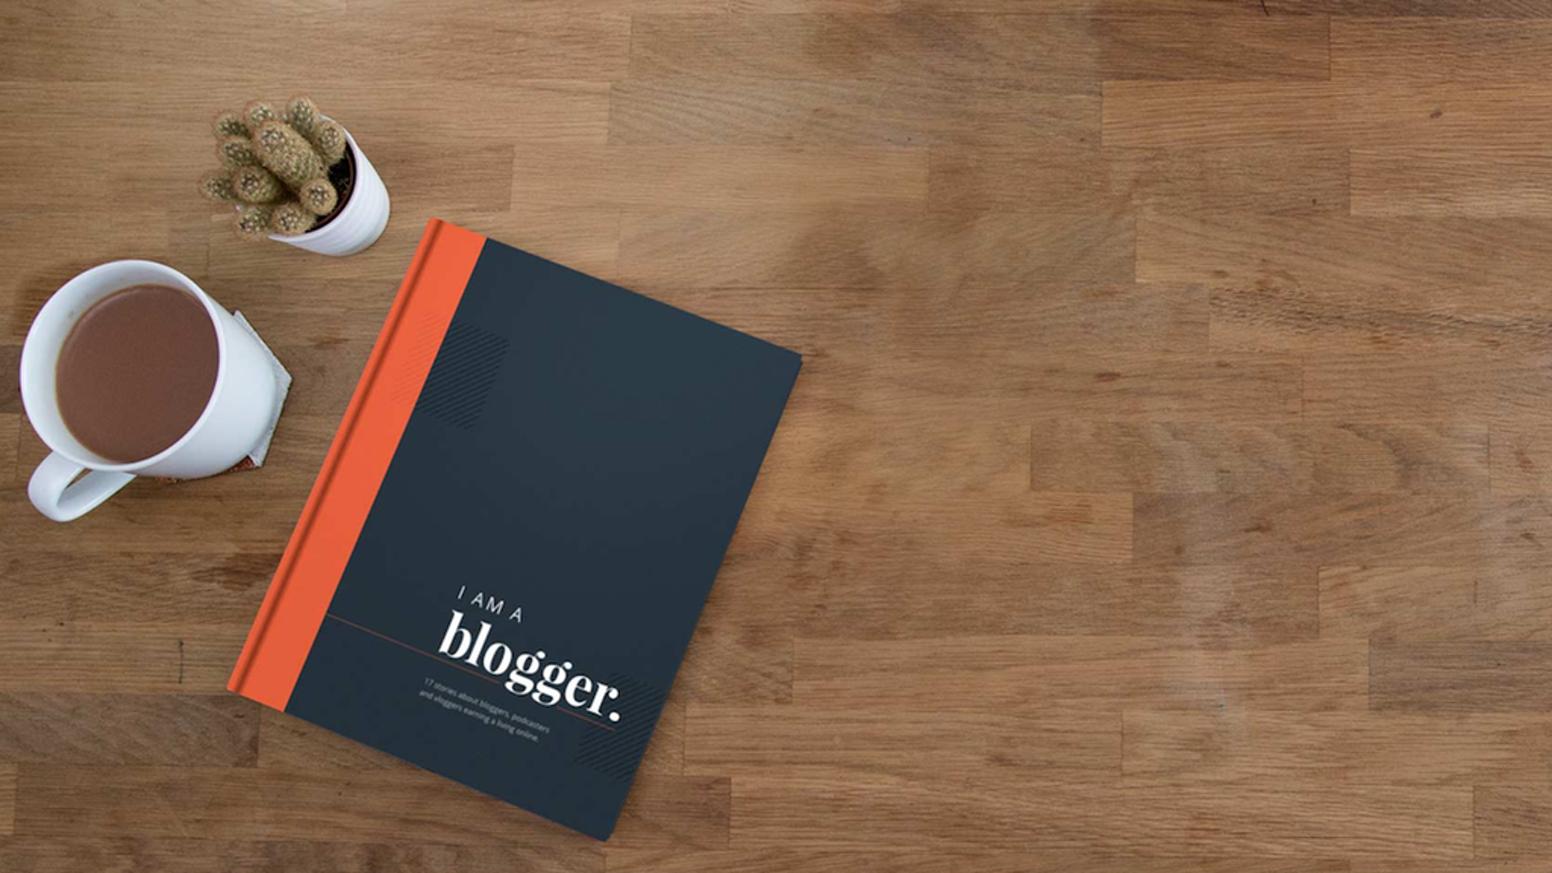 Inilah Perbedaan Blogspot, Guestpost, dan Content Placement yang Perlu Anda Tahu